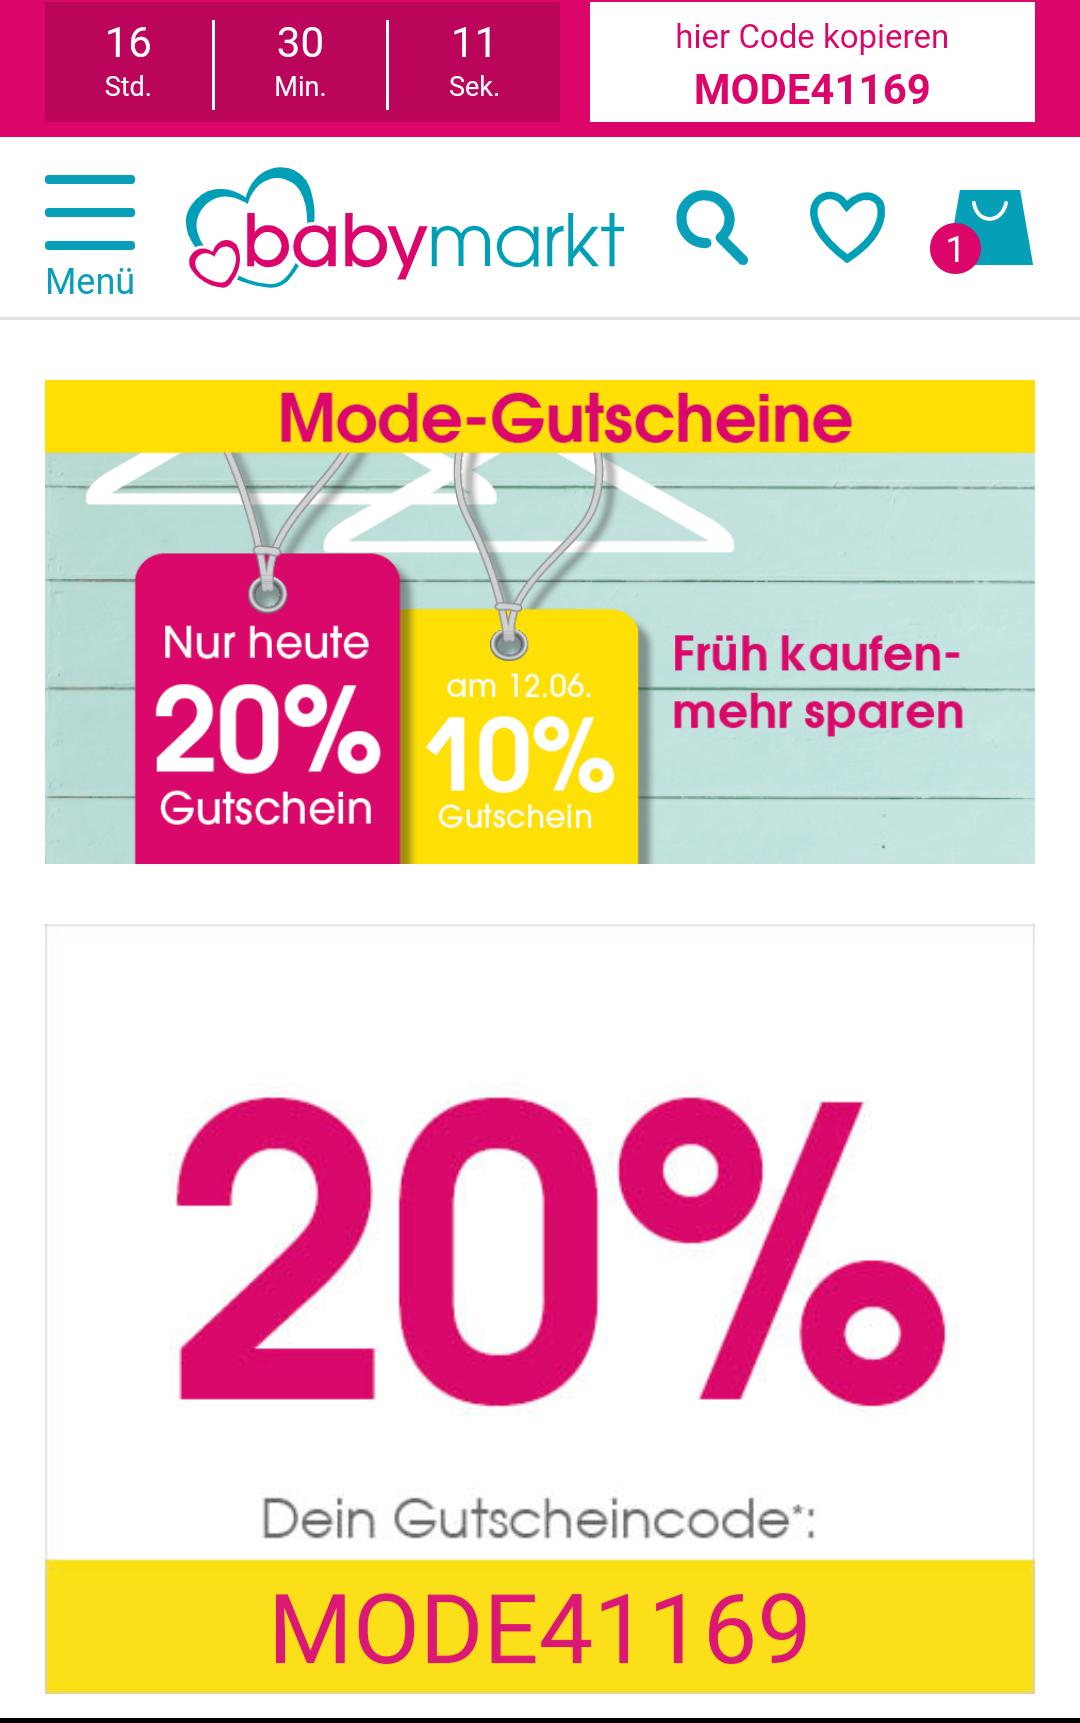 [babymarkt.de] Heute 20% auf Mode